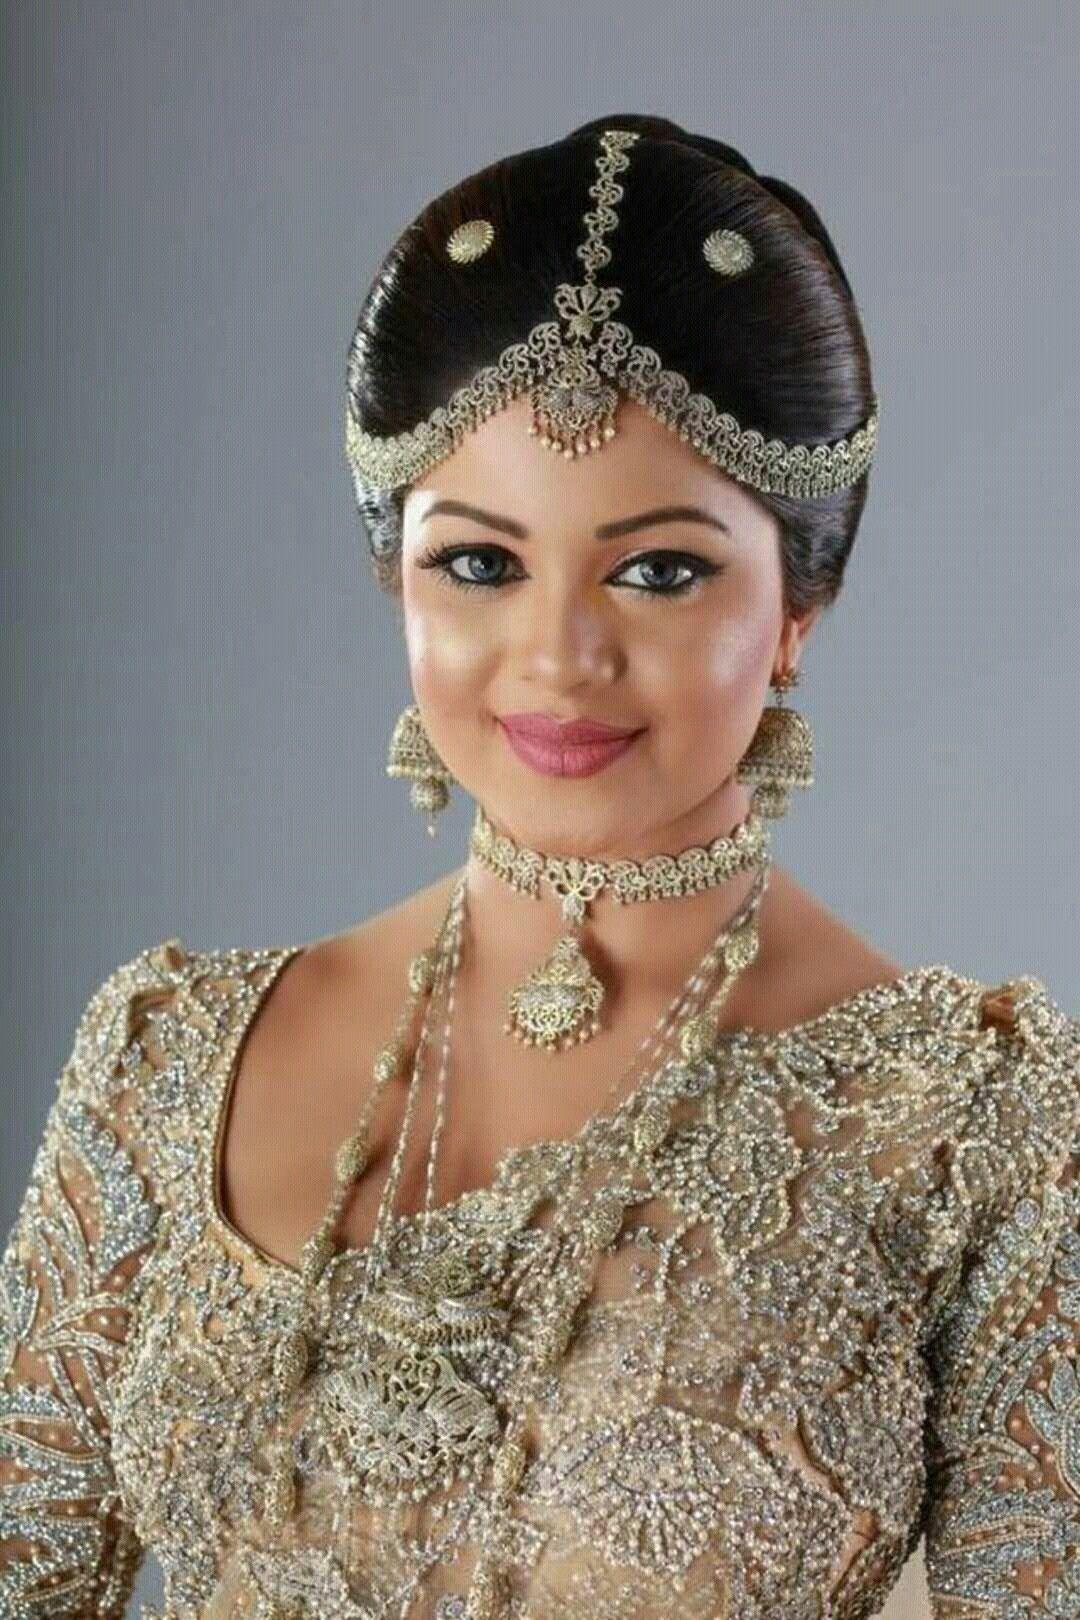 pin by yashodara rathnathilaka on kandyan brides | white